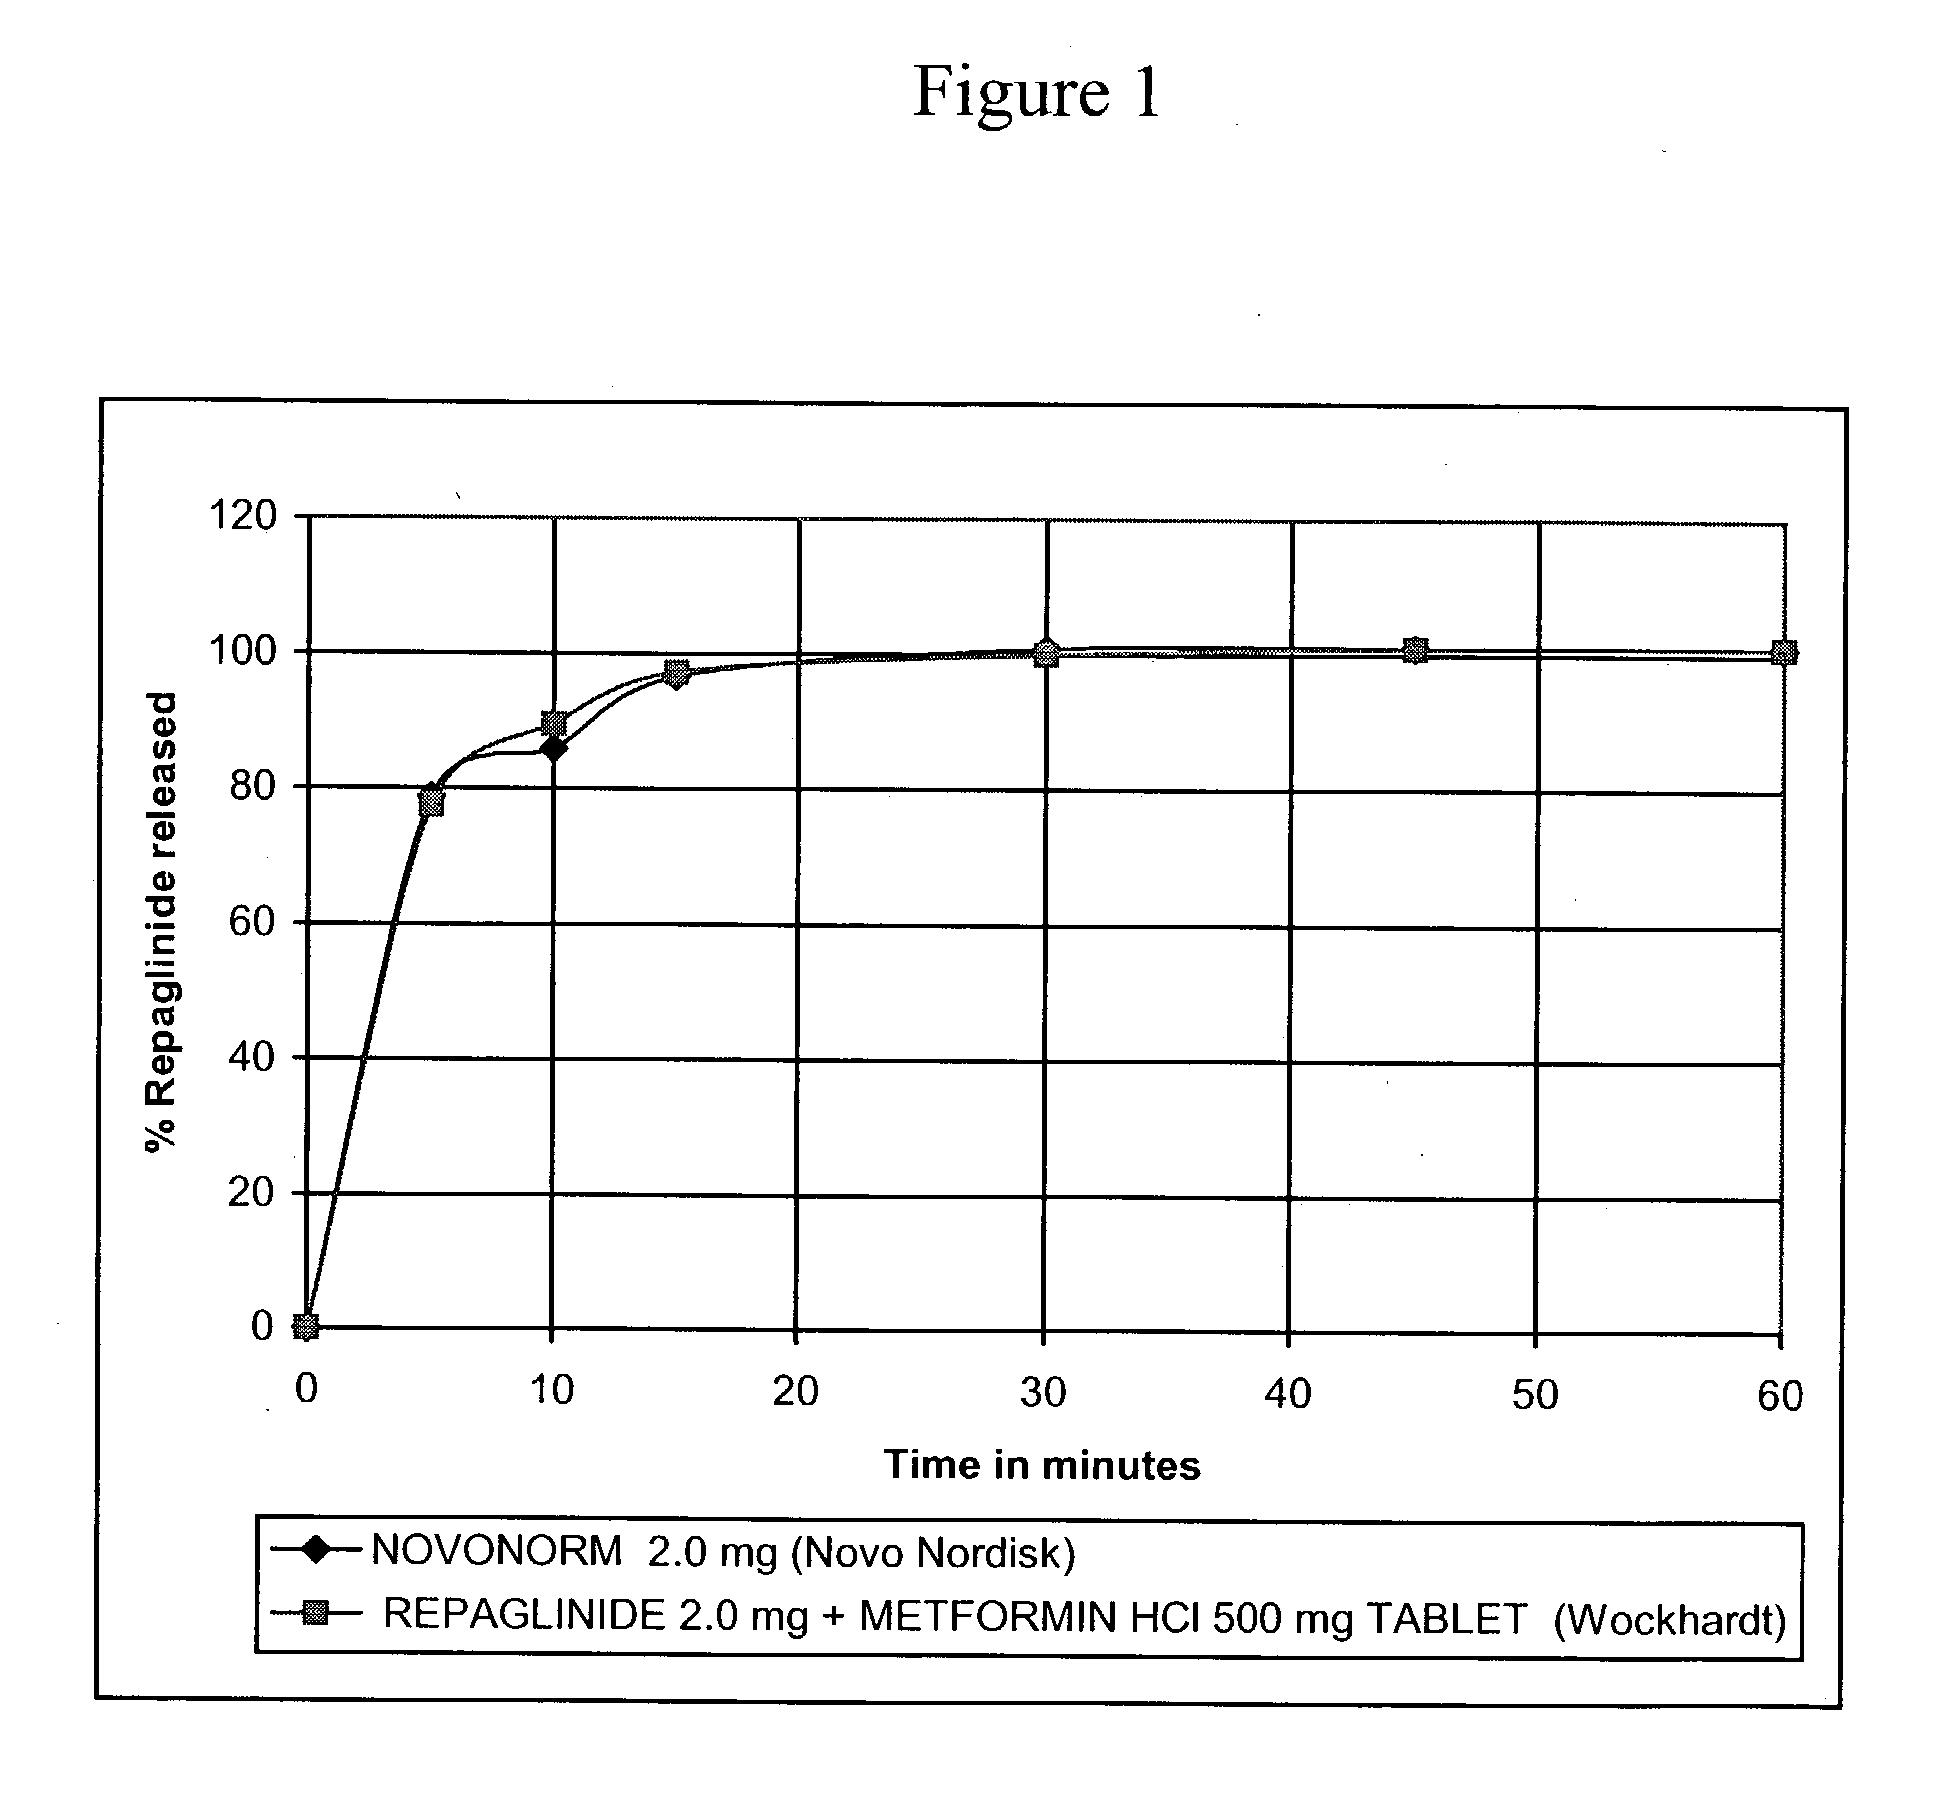 Repaglinide Metformin Combination